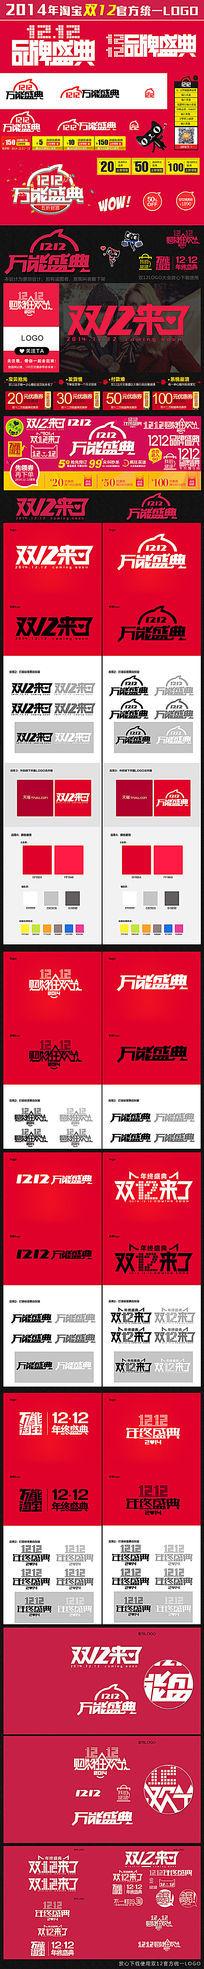 淘宝双12万能盛典最新LOGO设计模板